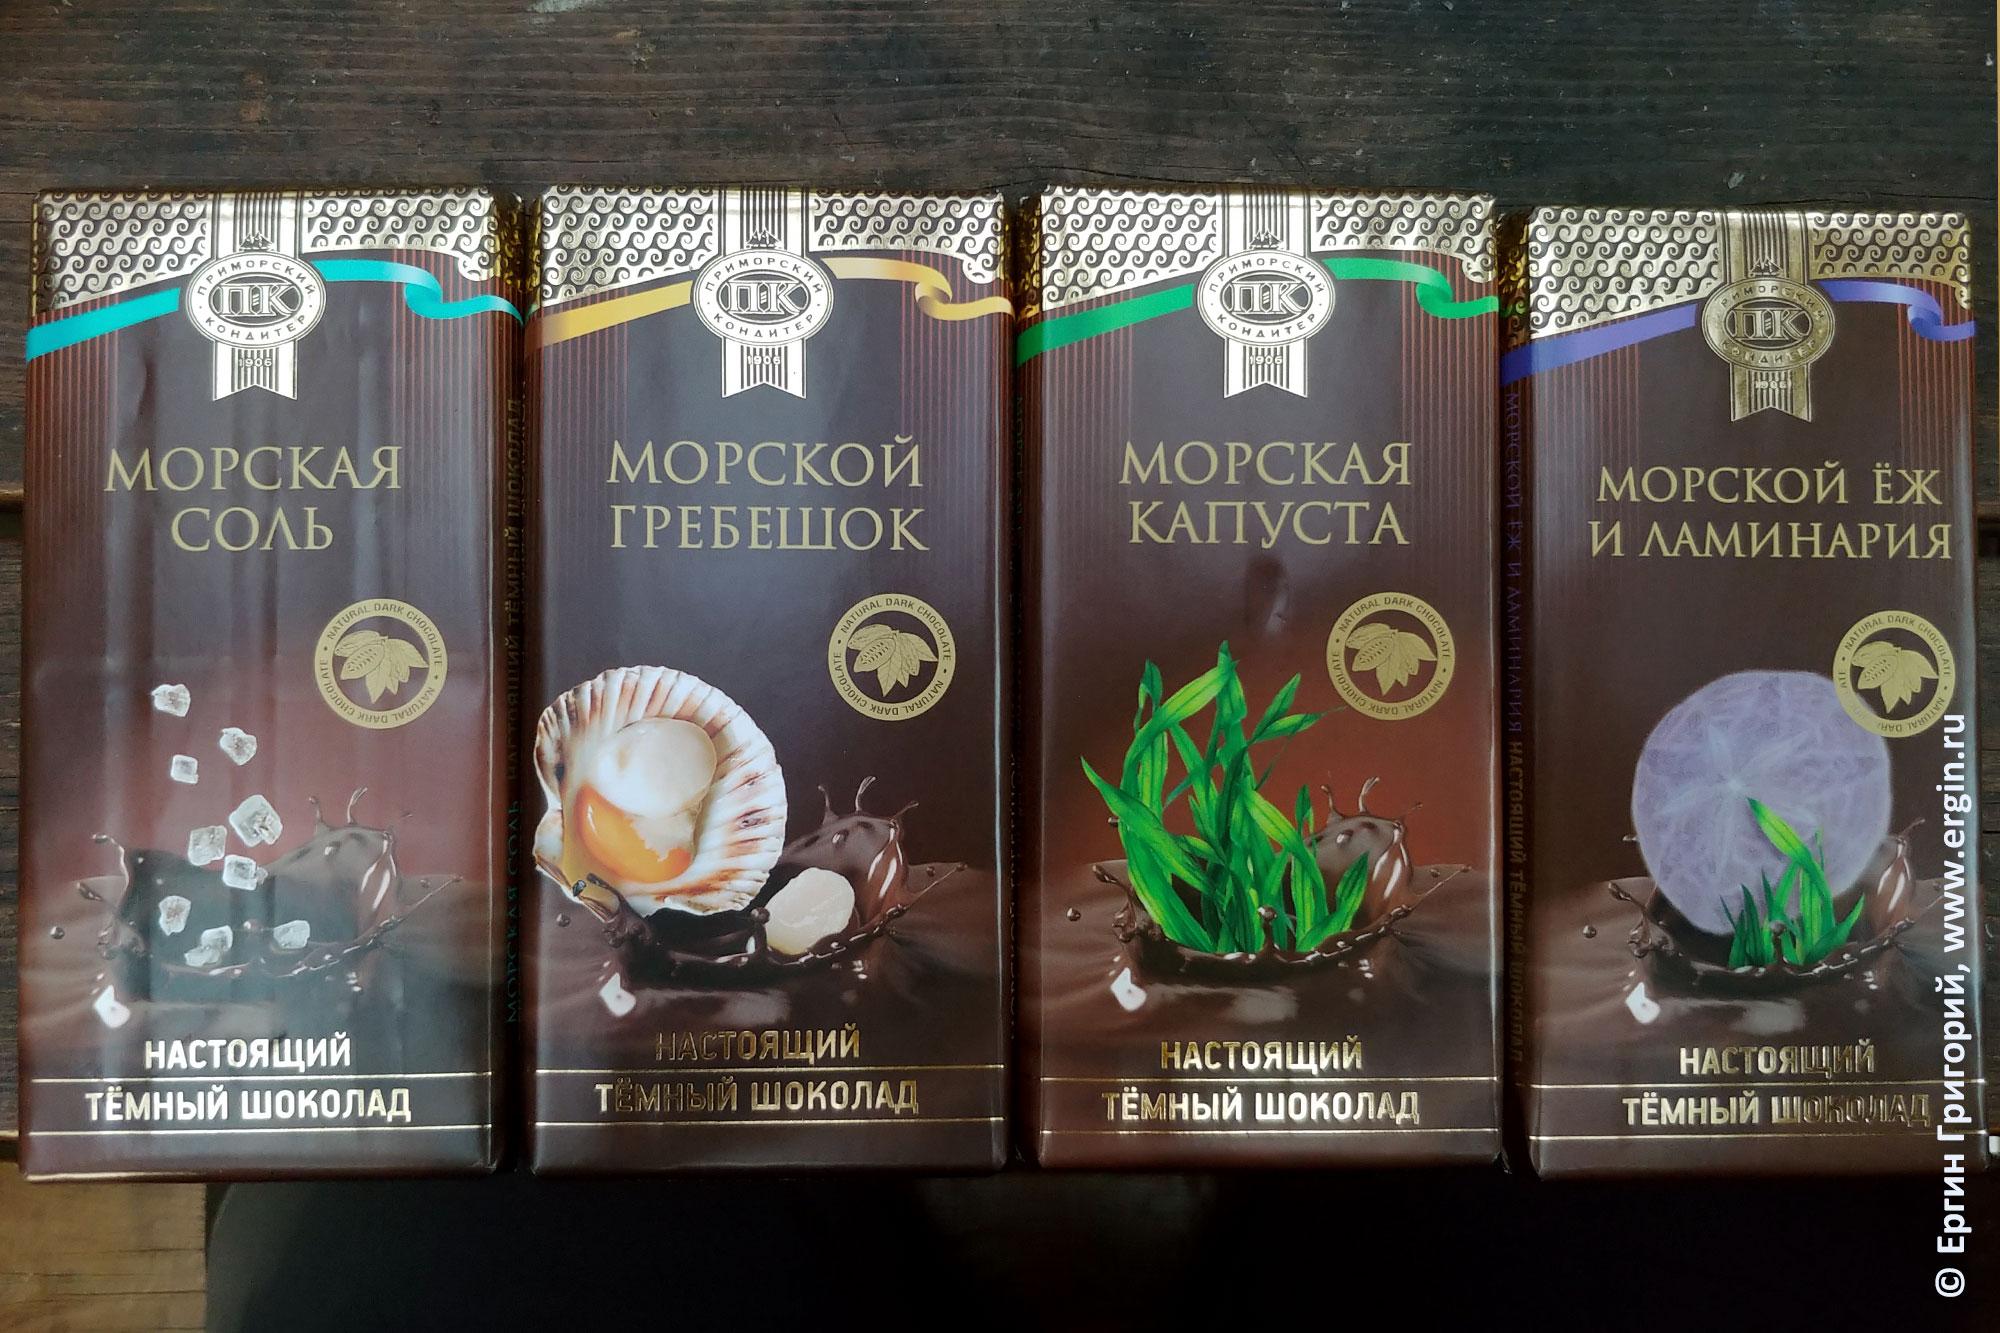 Шоколад с морепродуктами из Владивостока